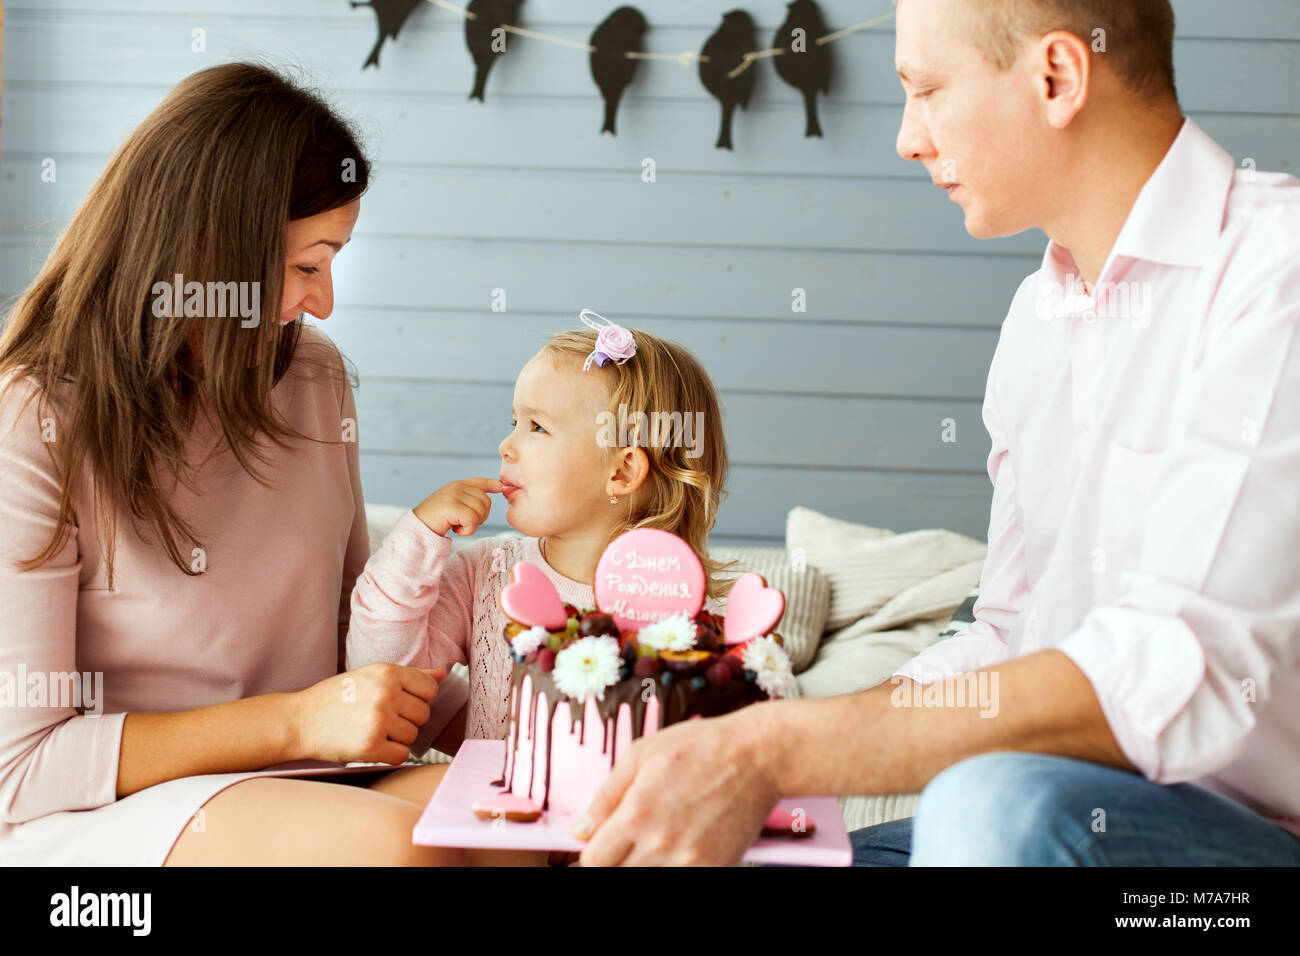 Los padres con un poco de hermosa hija. Chica está tratando el pastel con su dedo Imagen De Stock